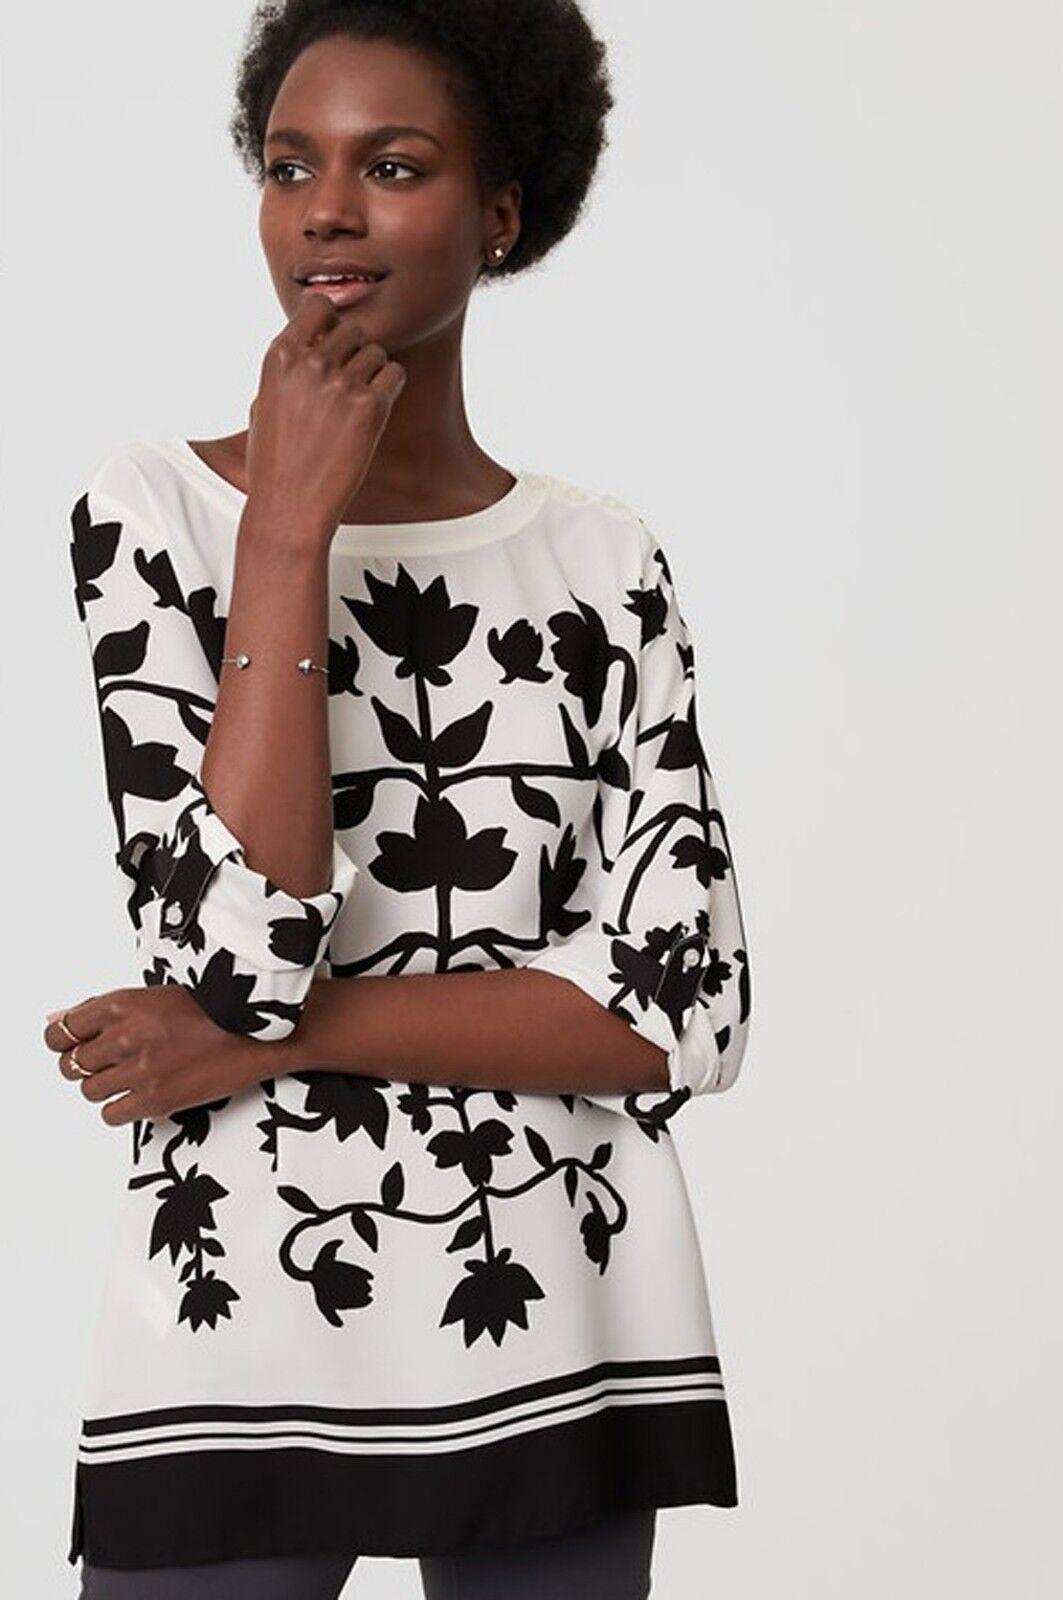 029c7381bbe NWT LOFT Whisper Shadow Floral Blouse Size S Shirt White nndauq7889 ...